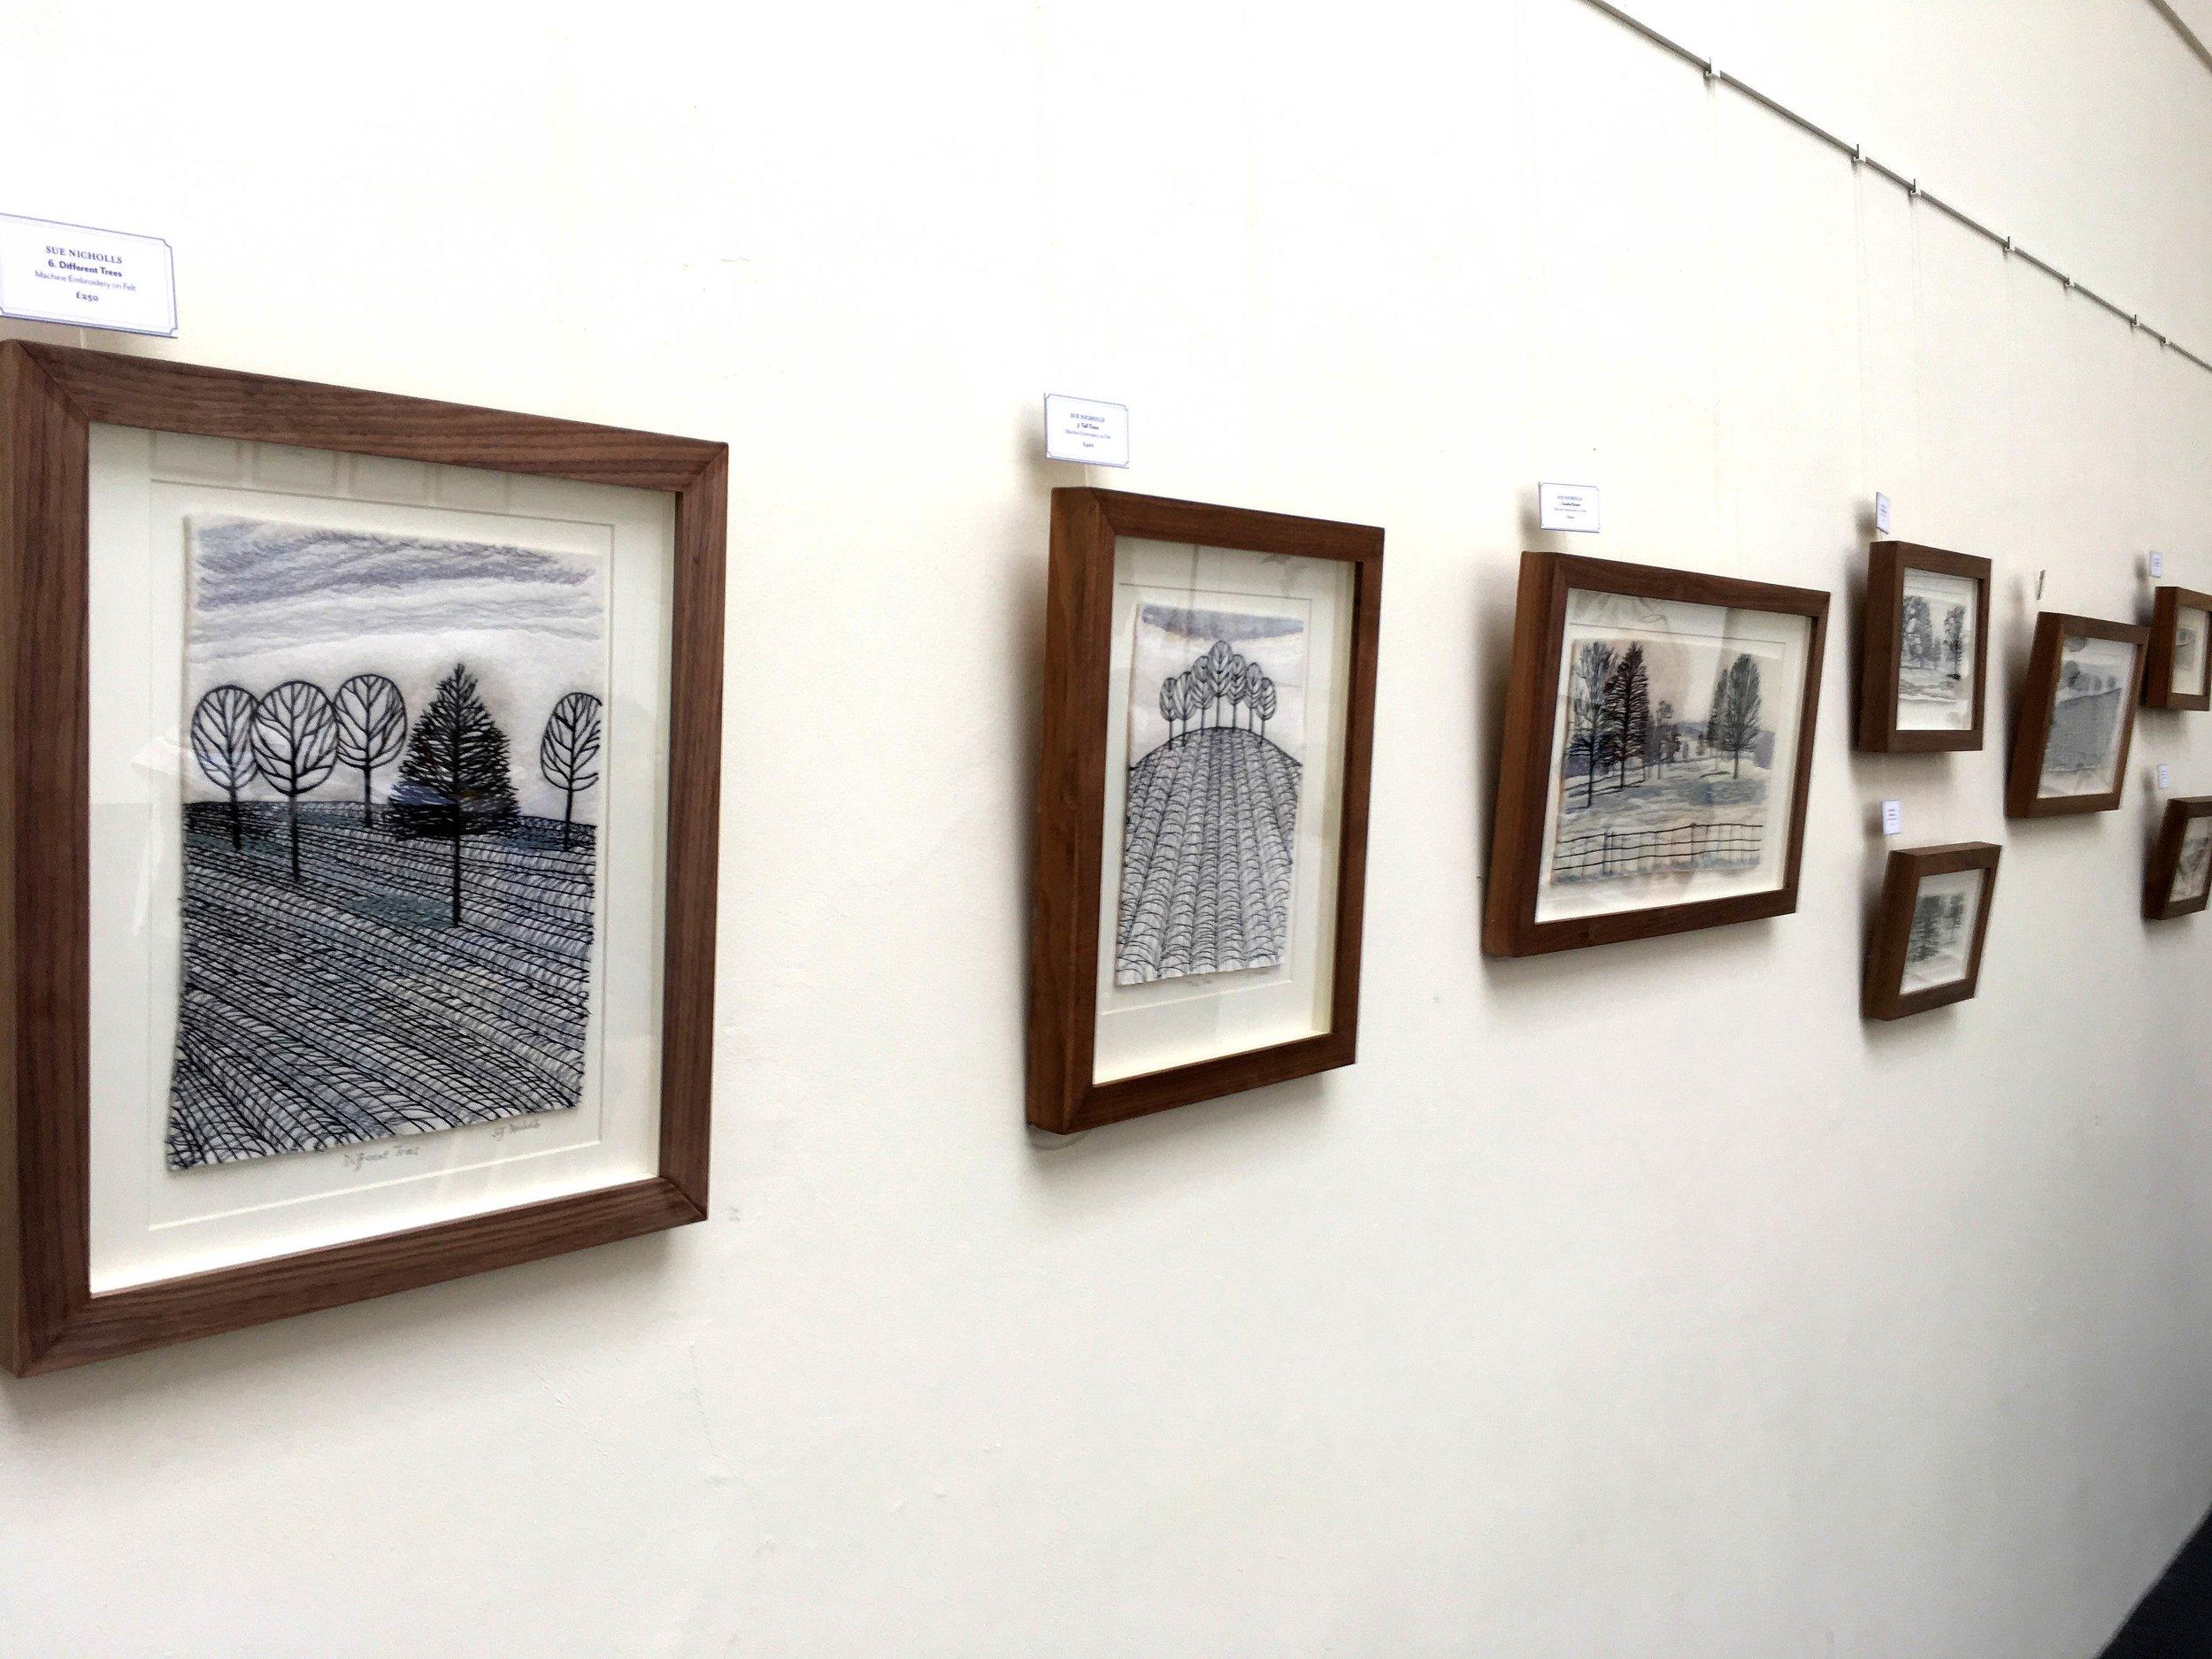 Sue Nicholls - Monochrome Landscapes